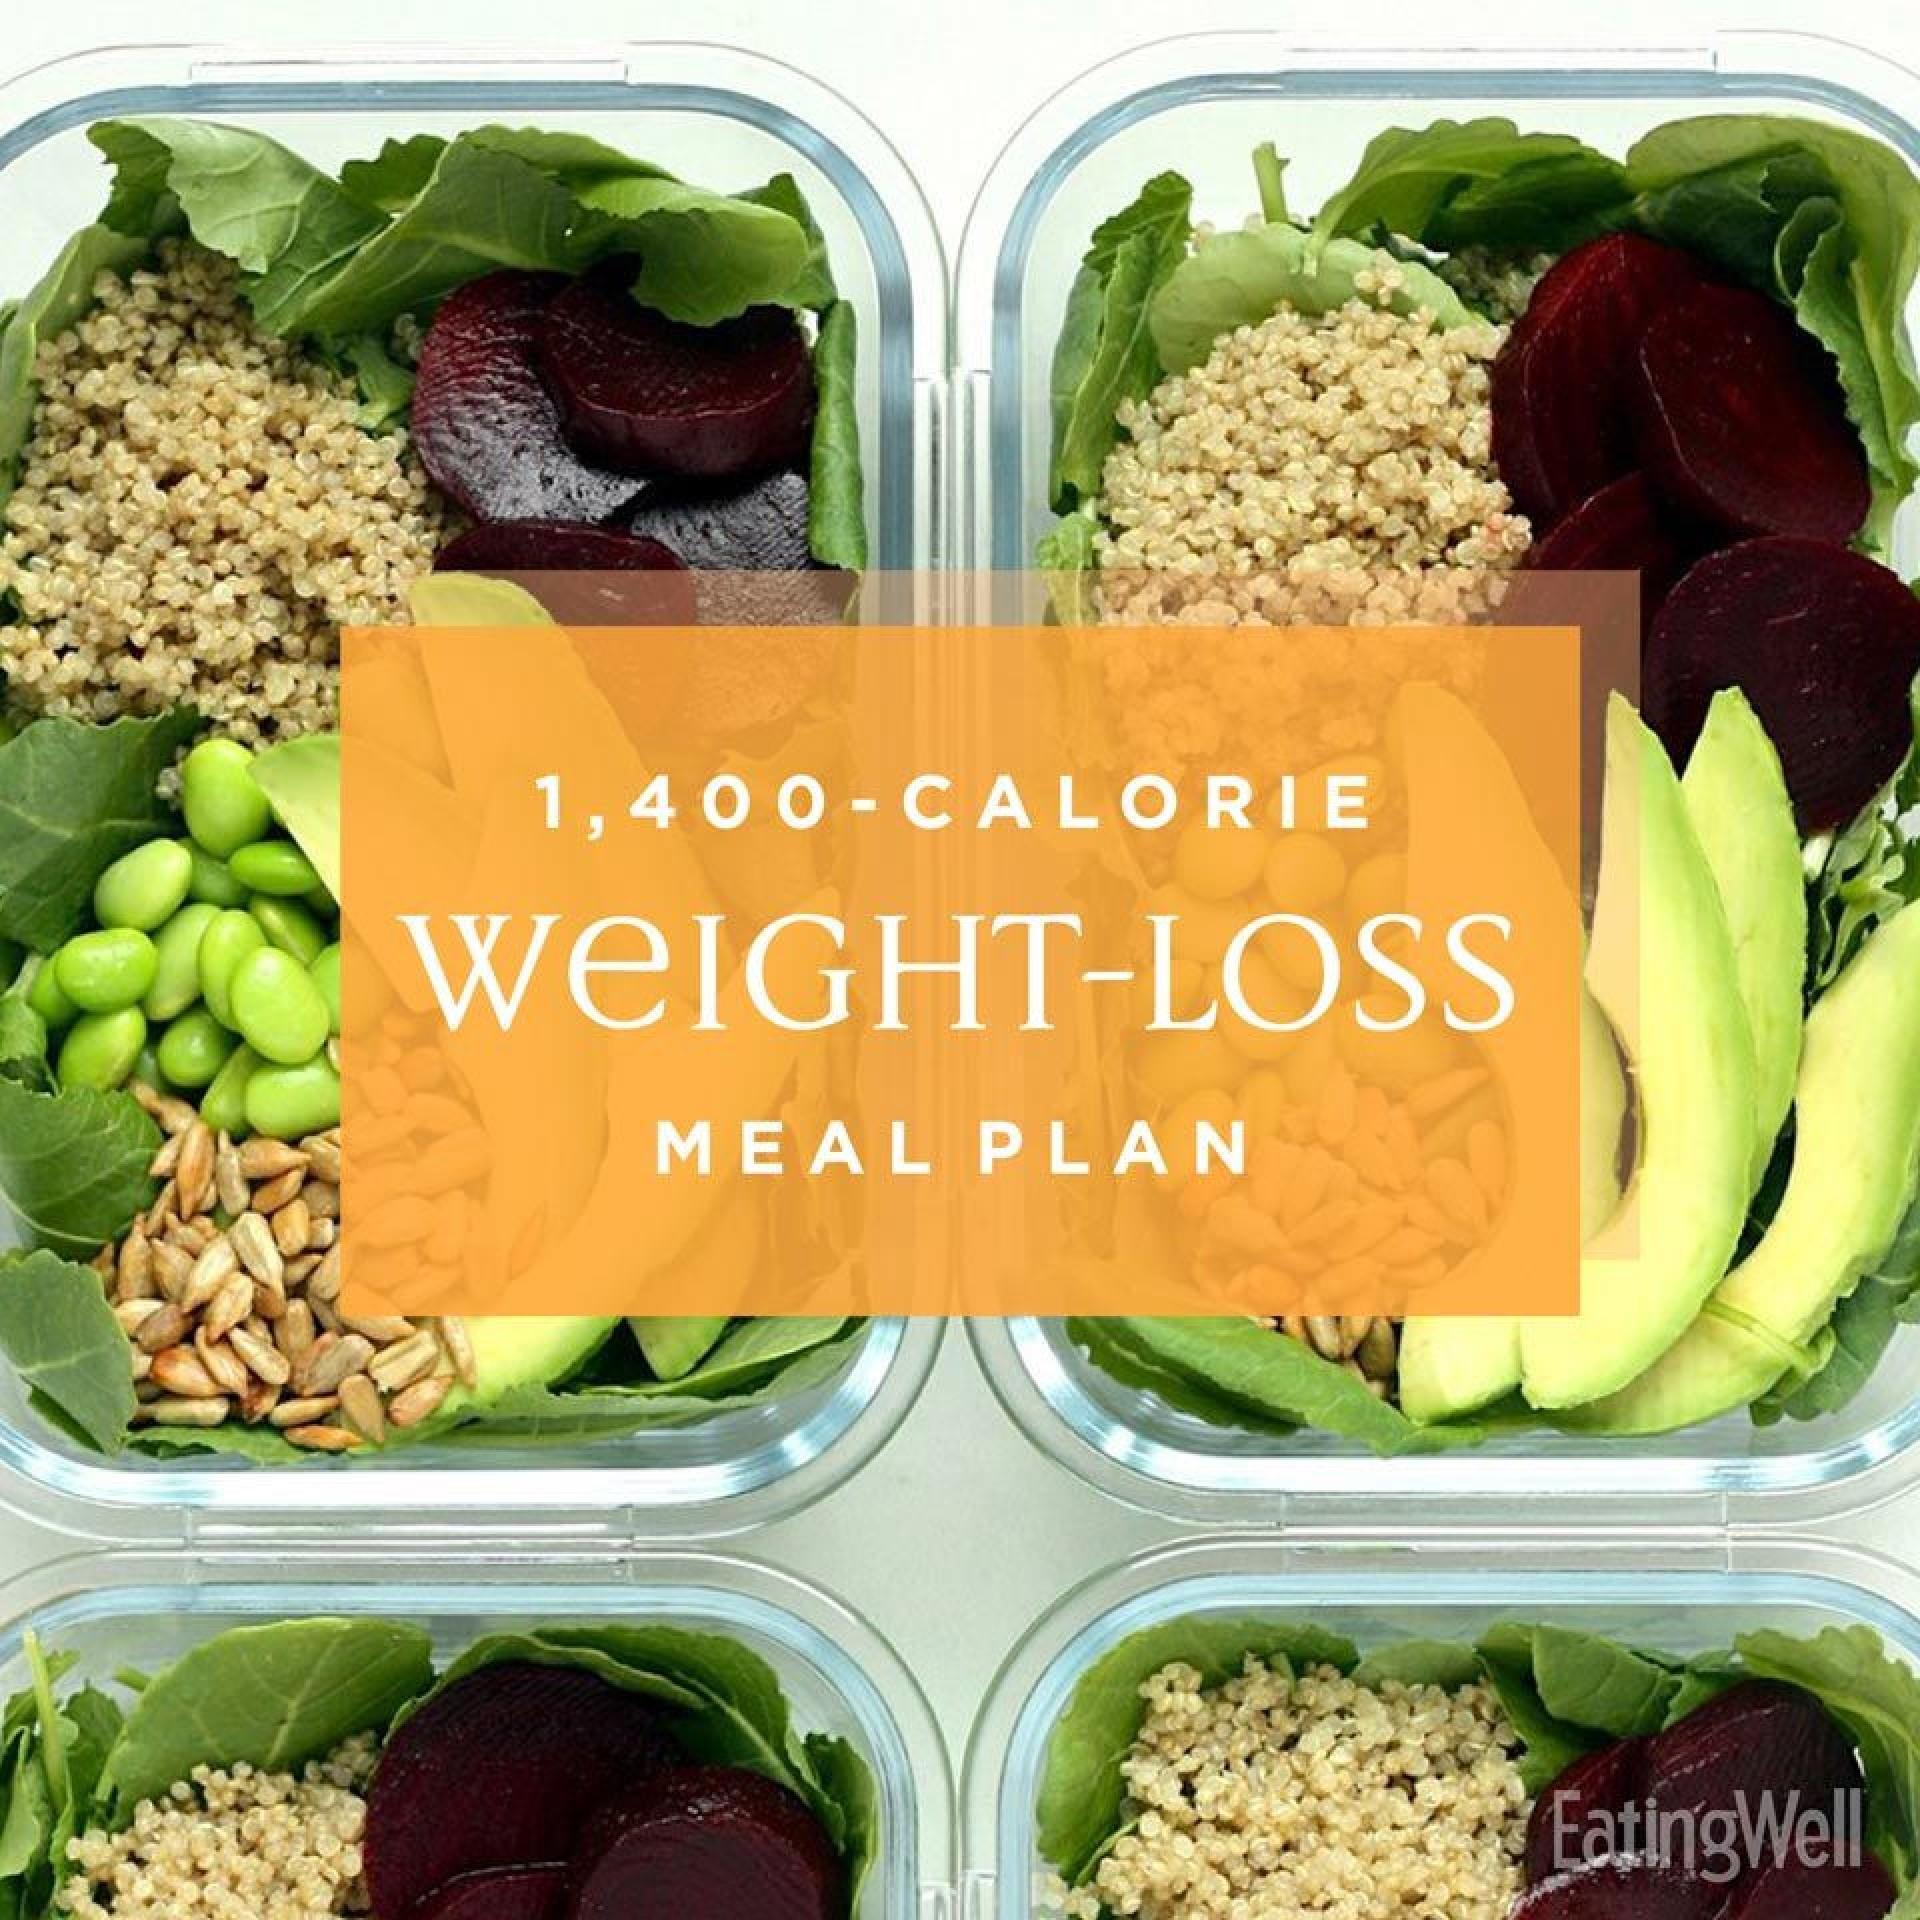 005 Unique 1400 Calorie Sample Meal Plan Pdf Image 1920